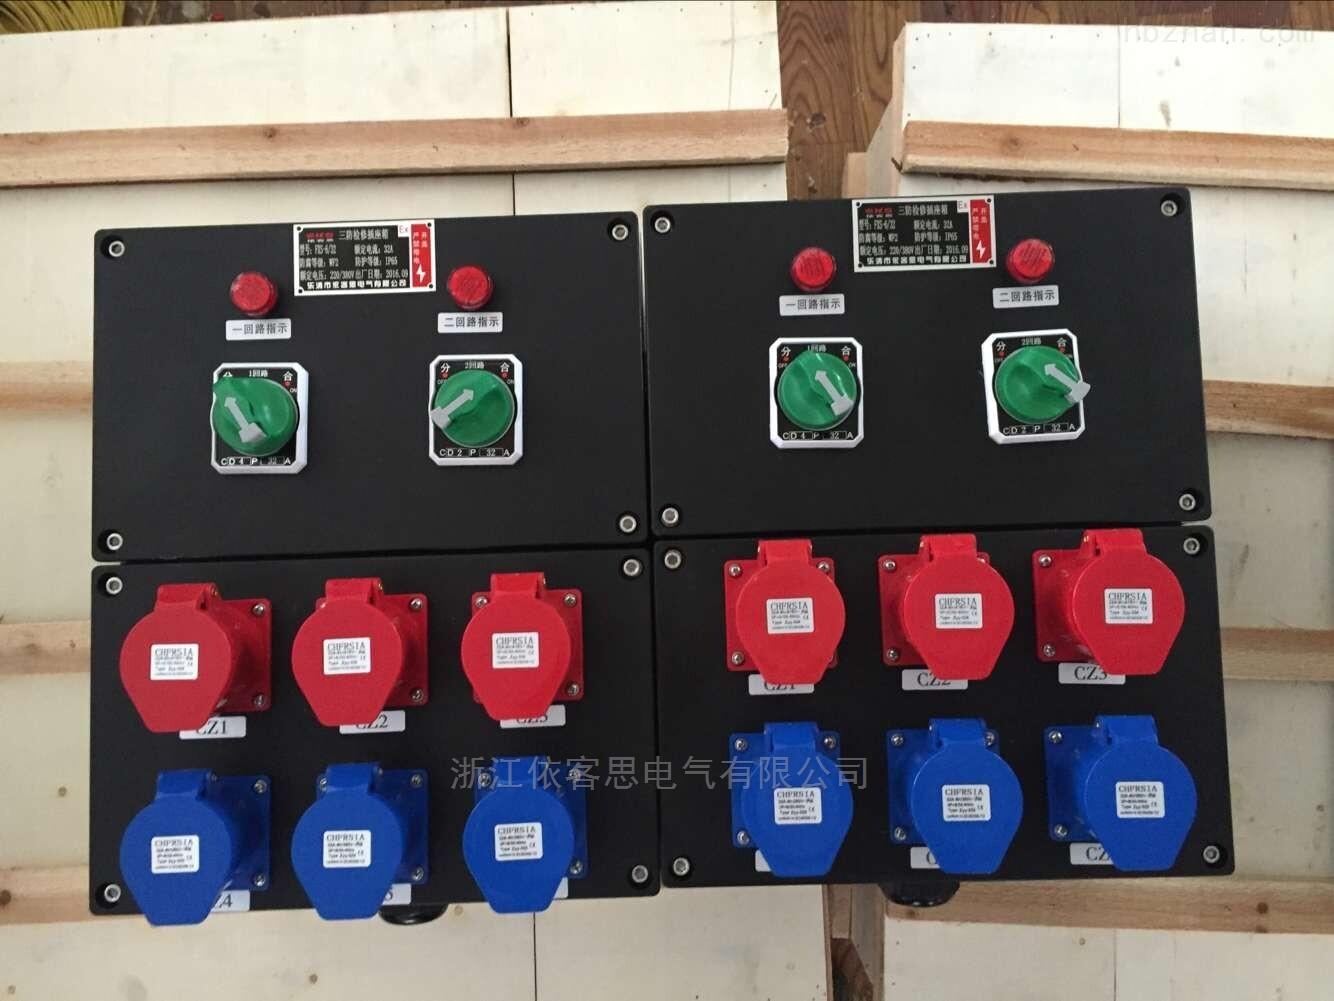 黑色工程塑料三防电源插座箱